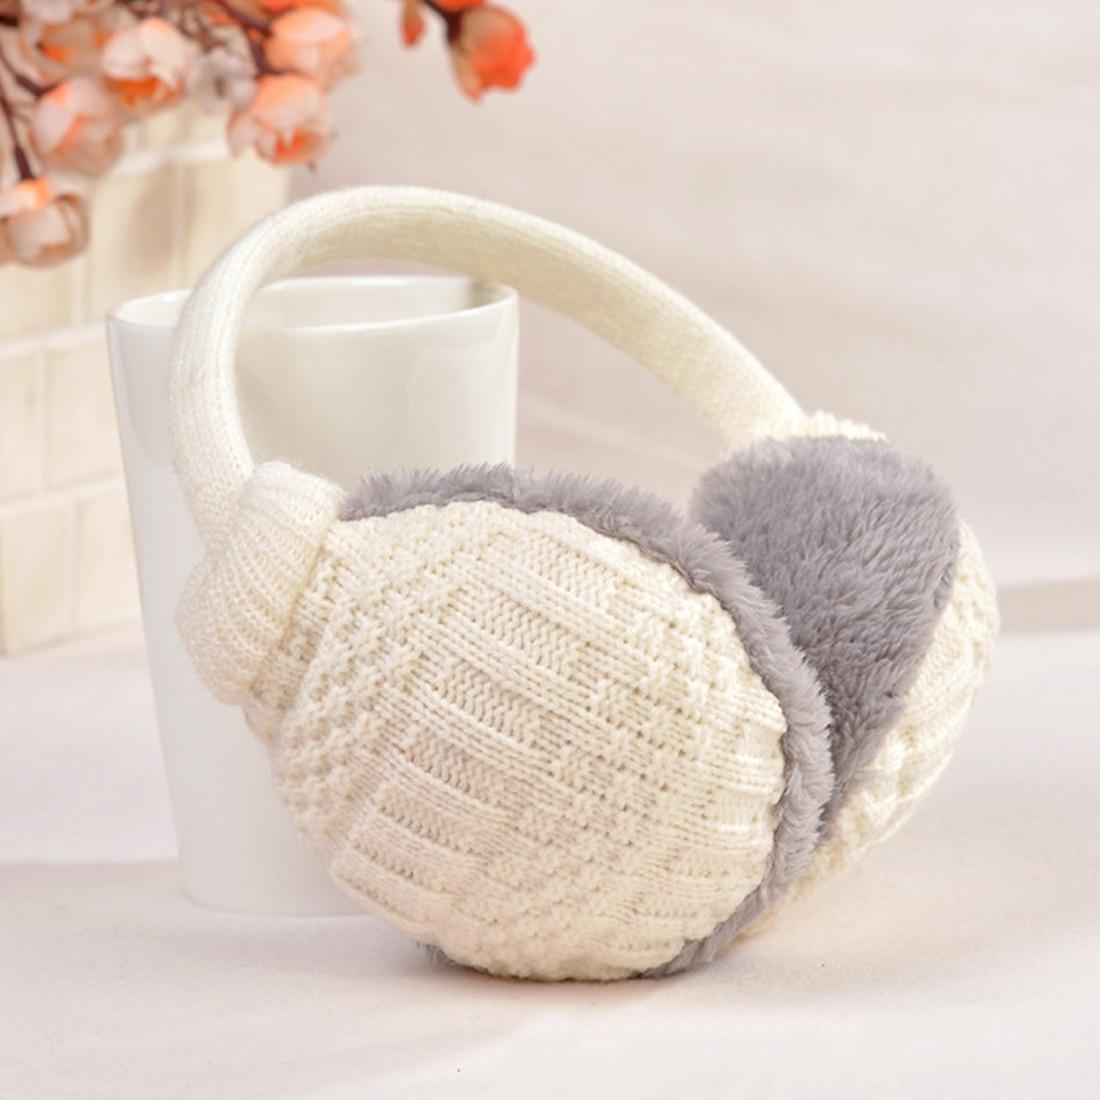 b188c3aef8c82 Top Sell Winter Ear Cover Women Warm Knitted Earmuffs Ear Warmers Women  Girls Plush Ear Muffs Earlap Warmer Headband